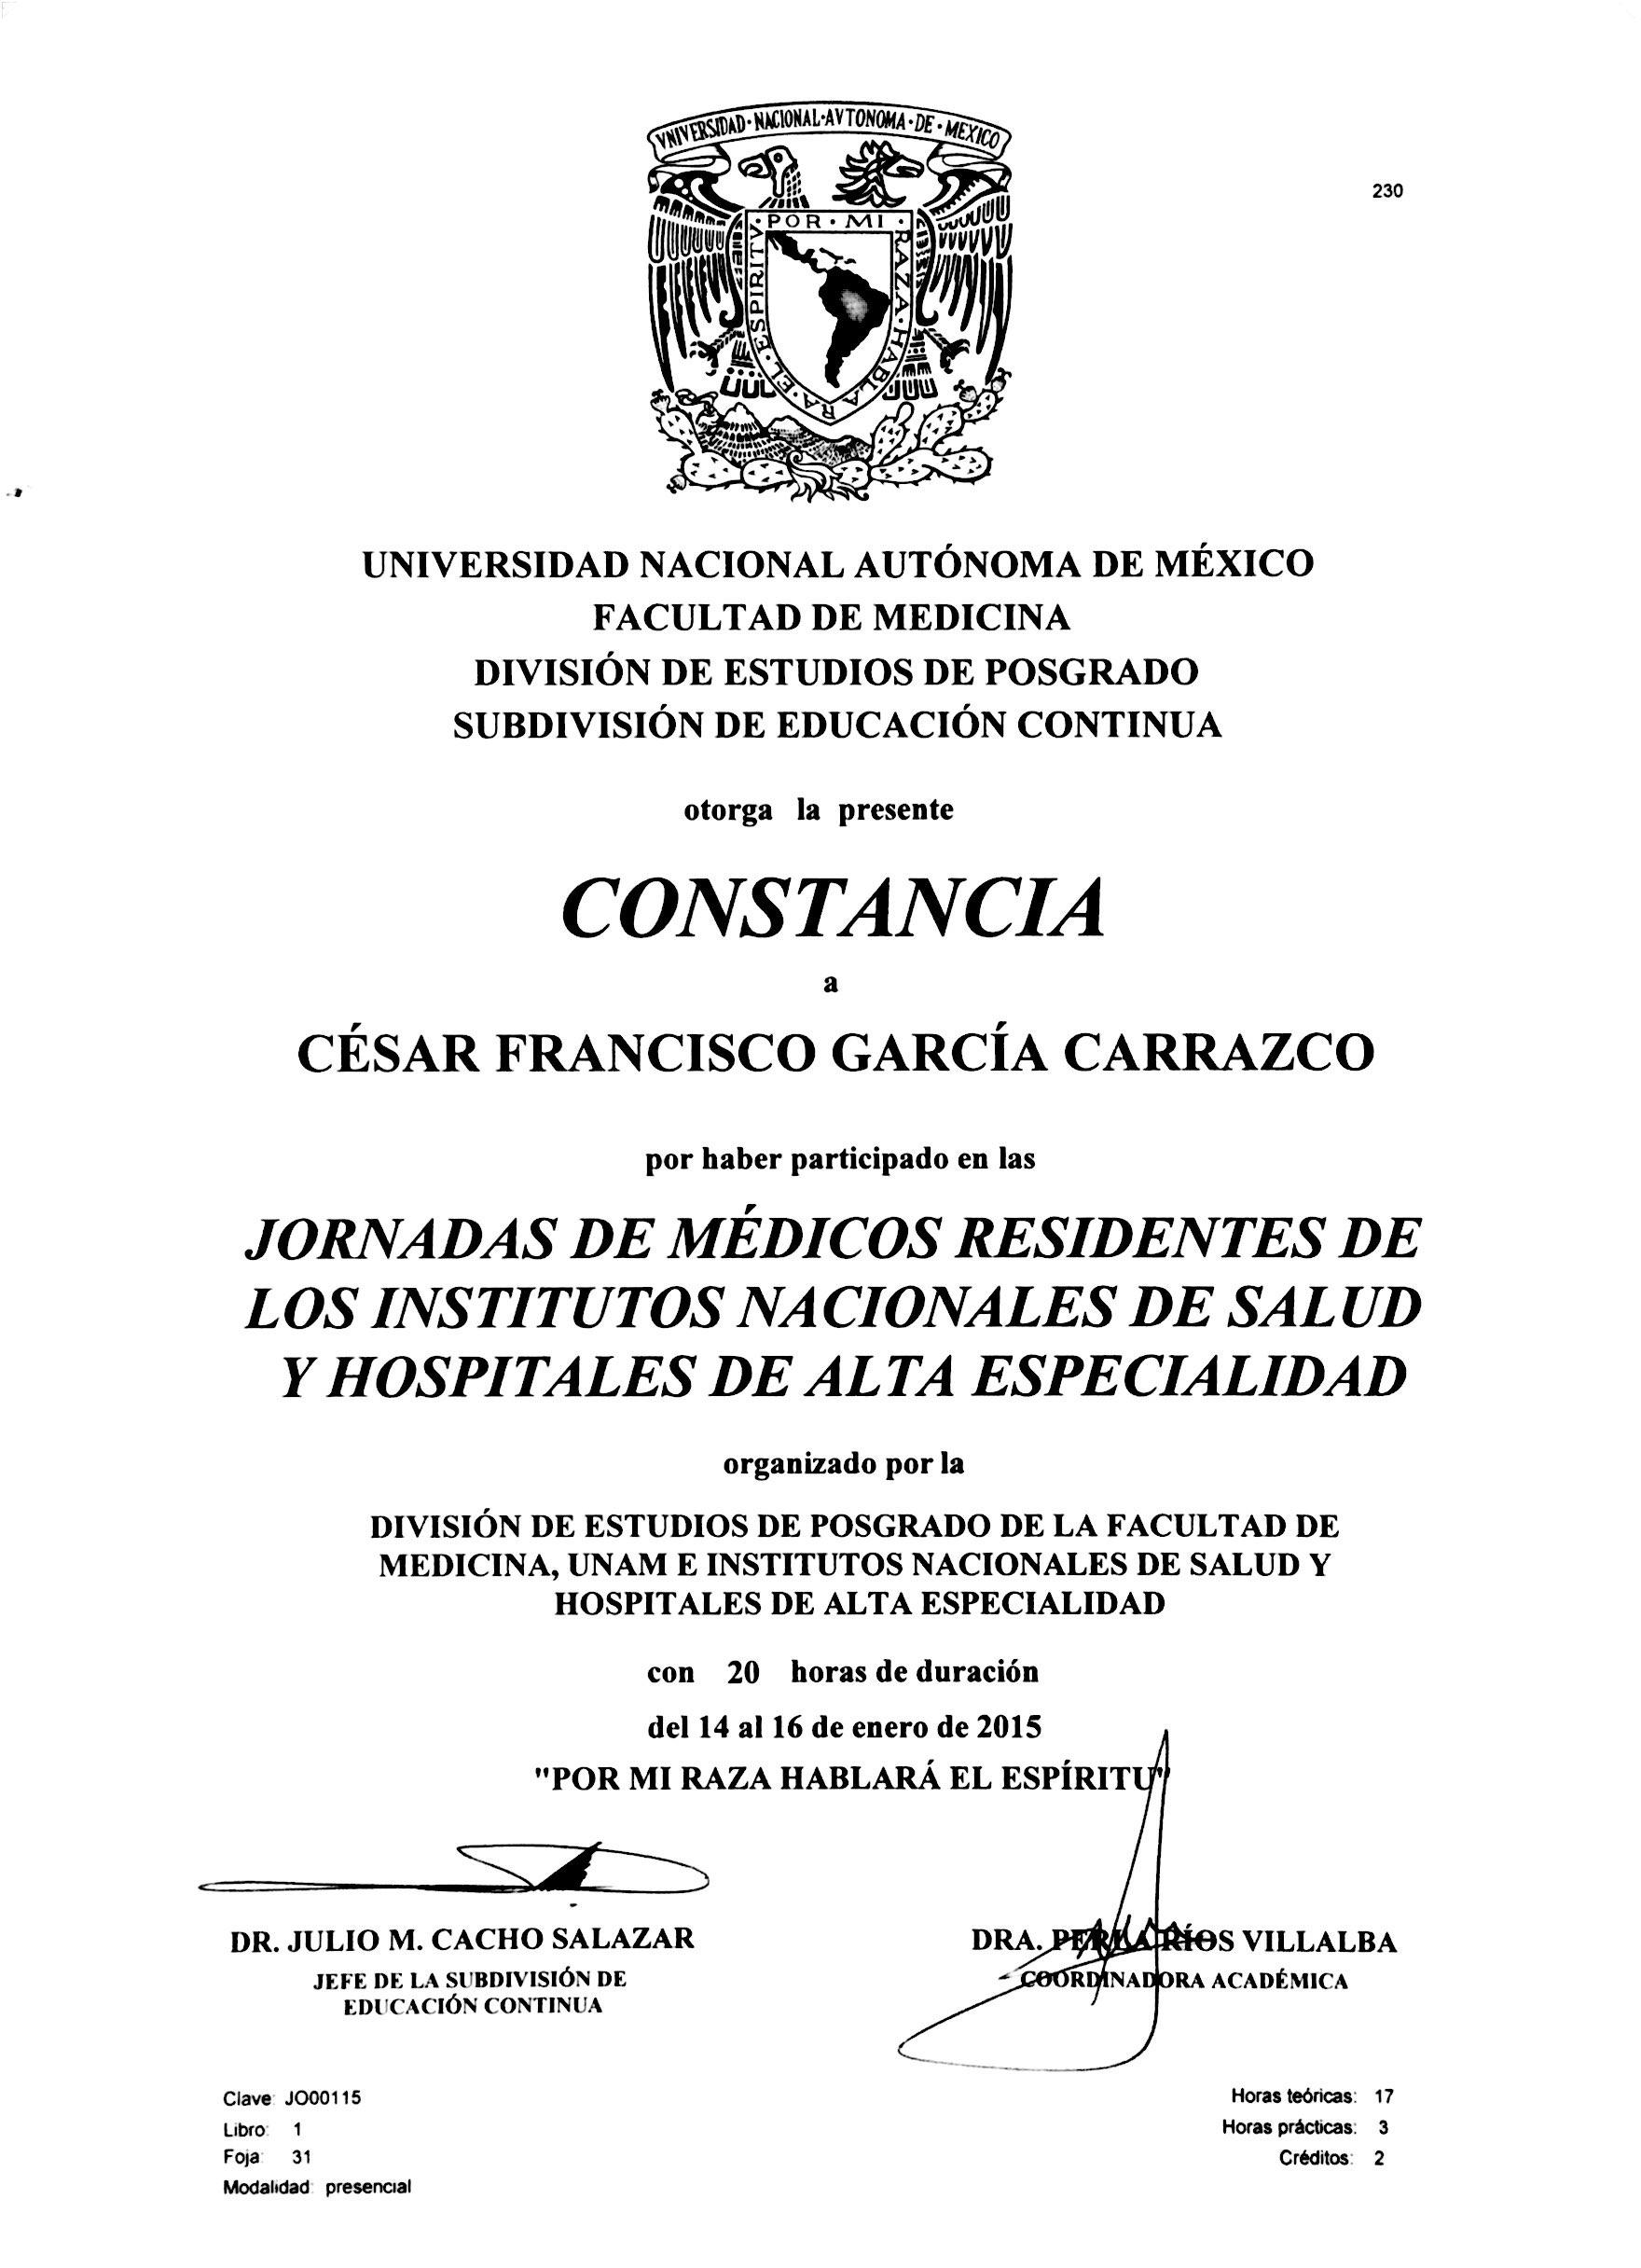 Dr. Garcia Carrazco_46